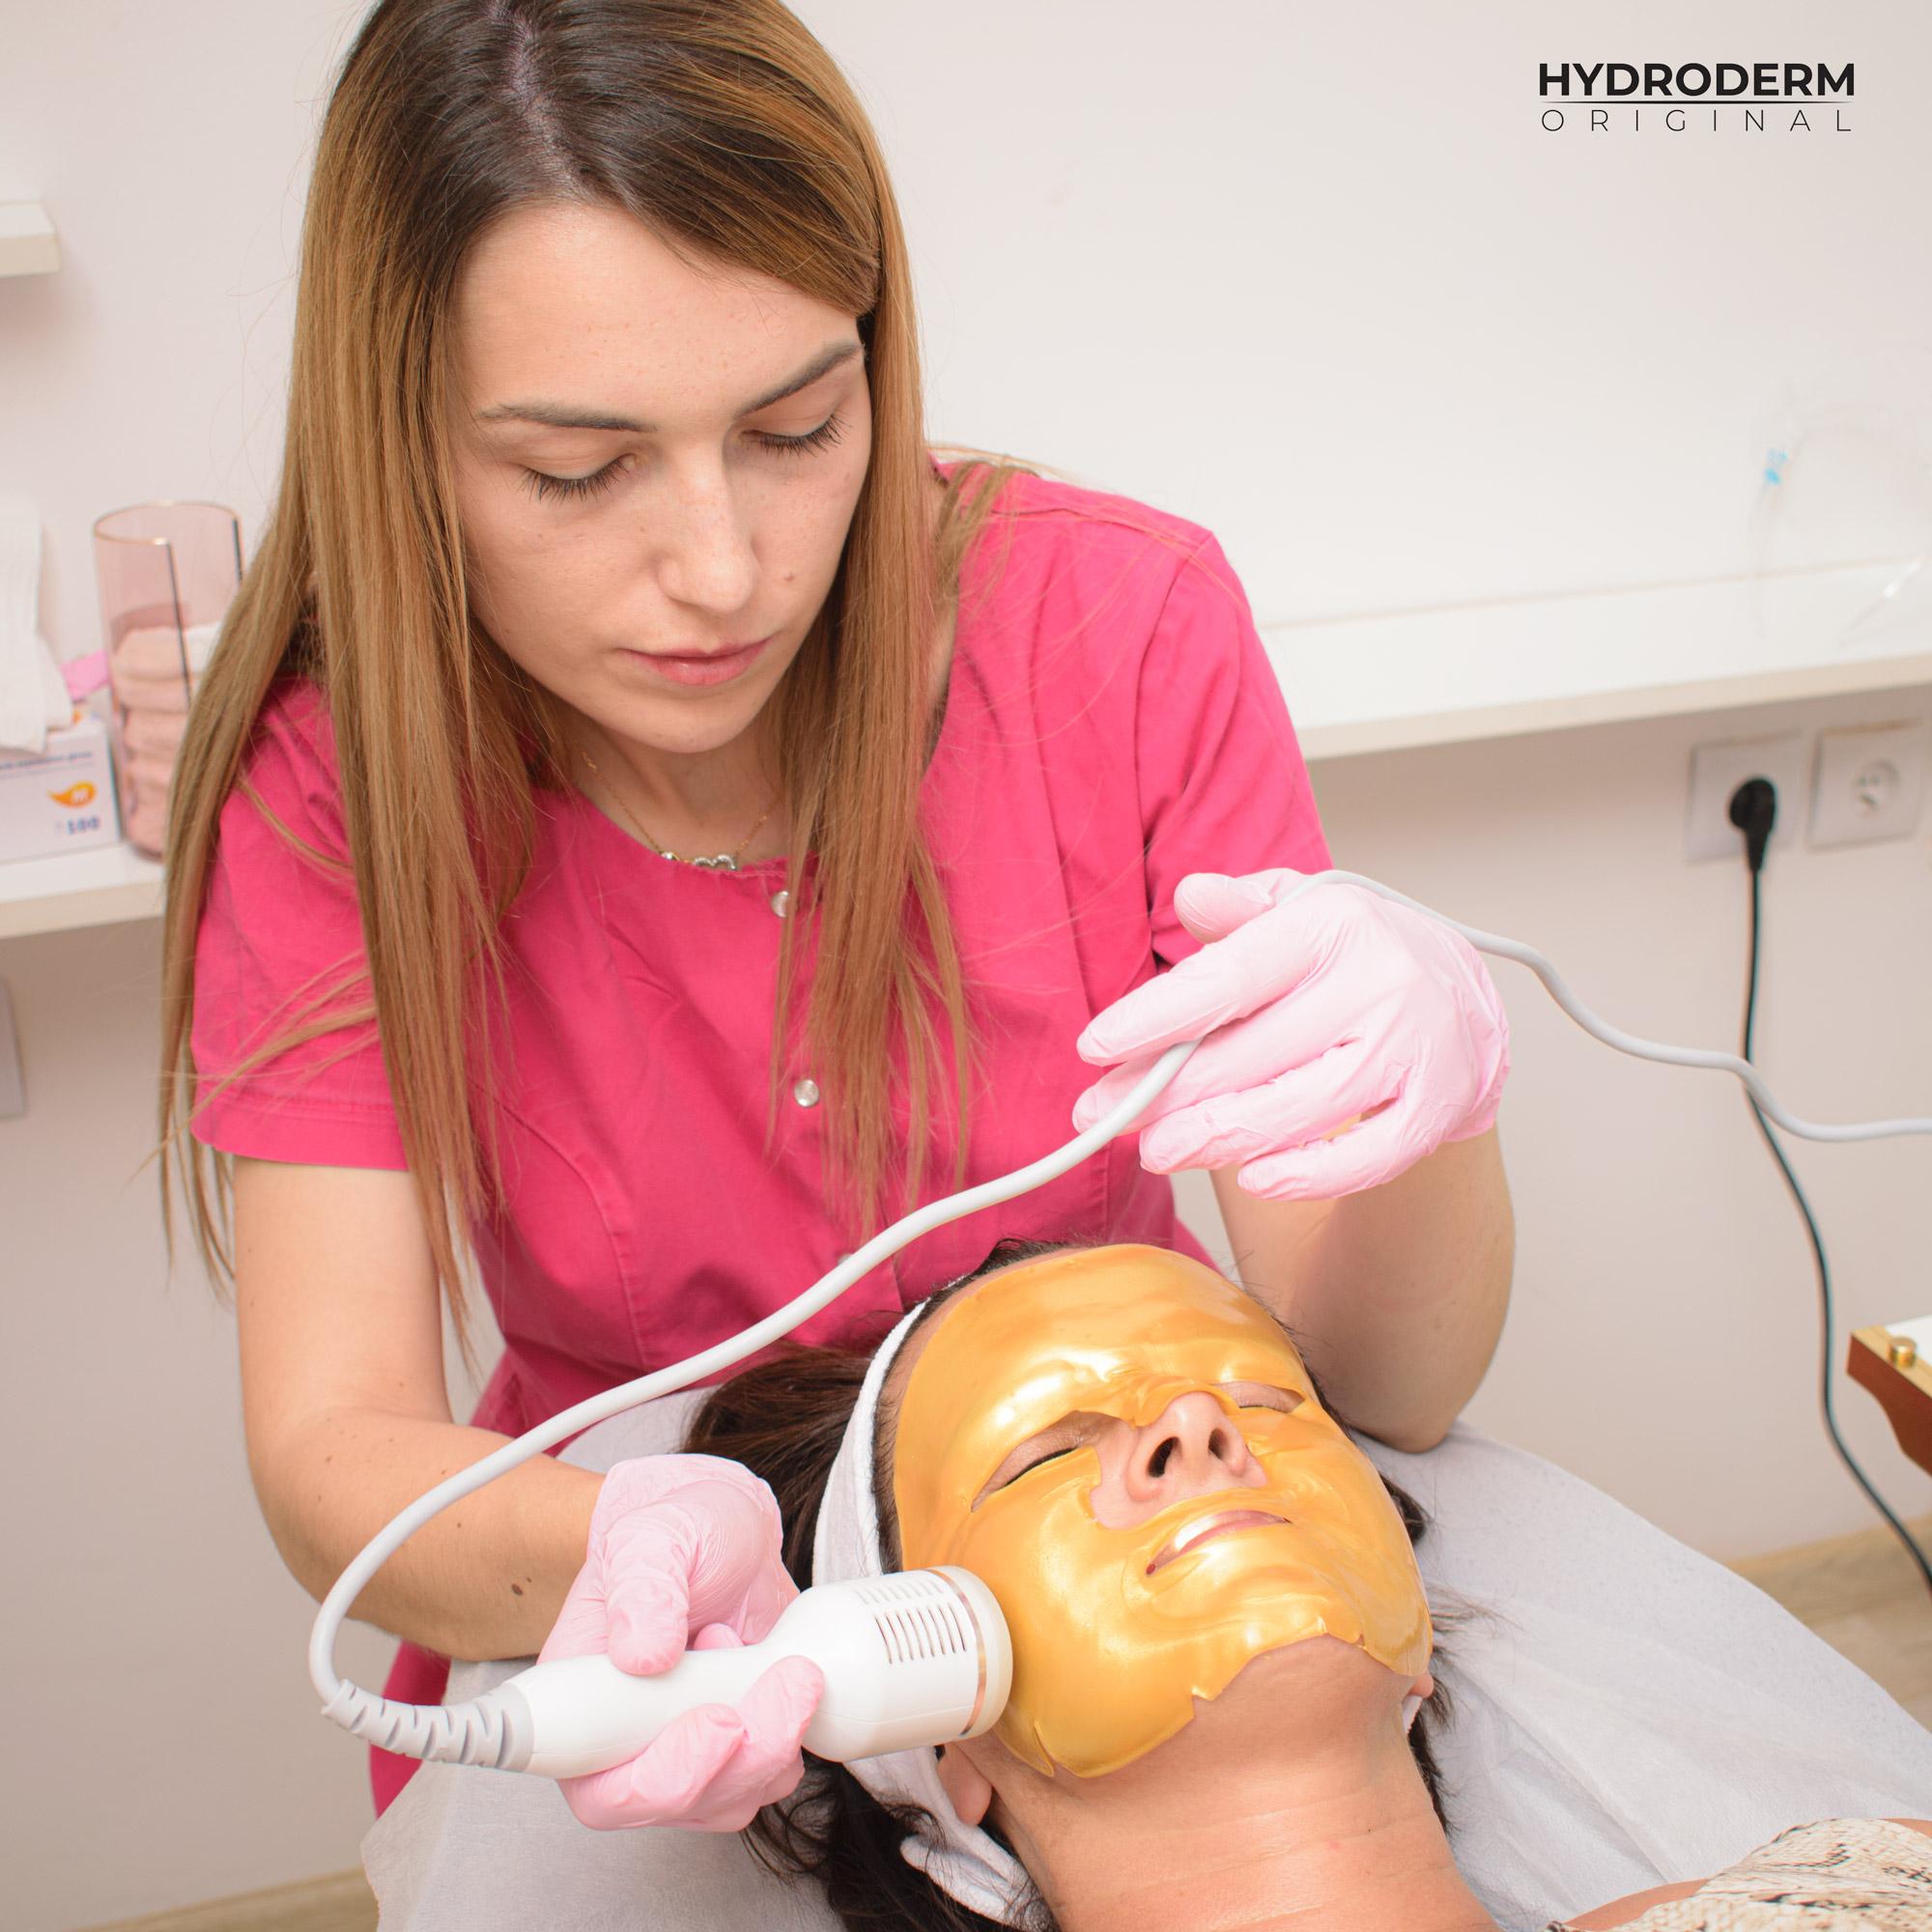 Głowica Cold umożliwia wykonać kojący masaż na twarzy